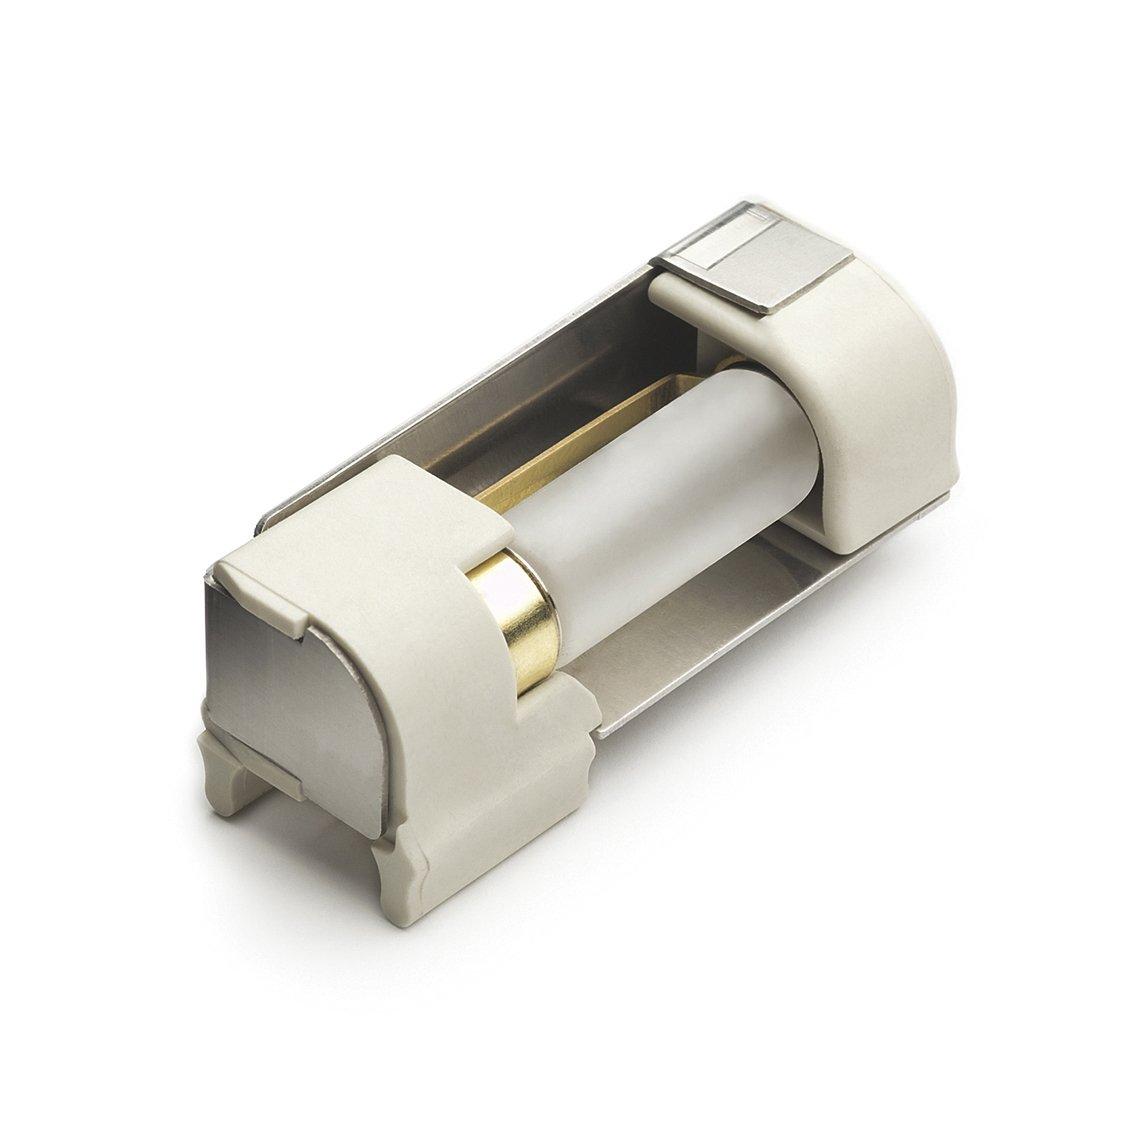 Kichler 10216WH Linear Frosted White Socket 12V/10W, White